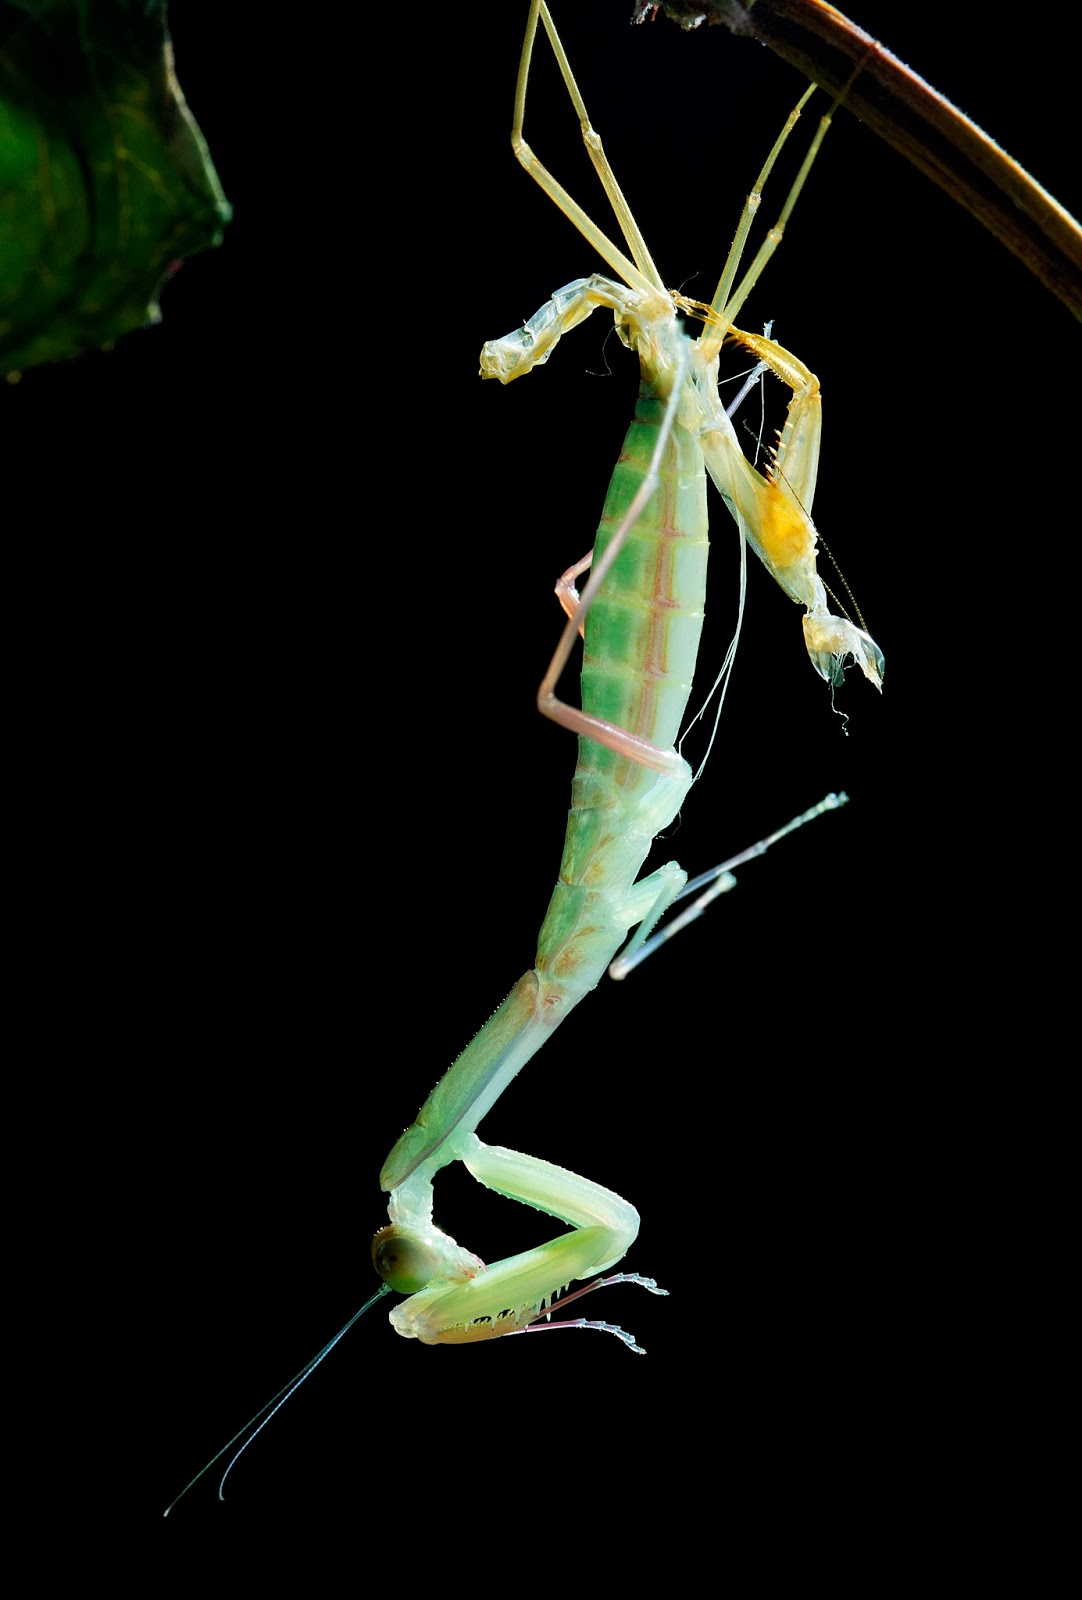 200 Free Praying Mantis amp Insect Images  Pixabay